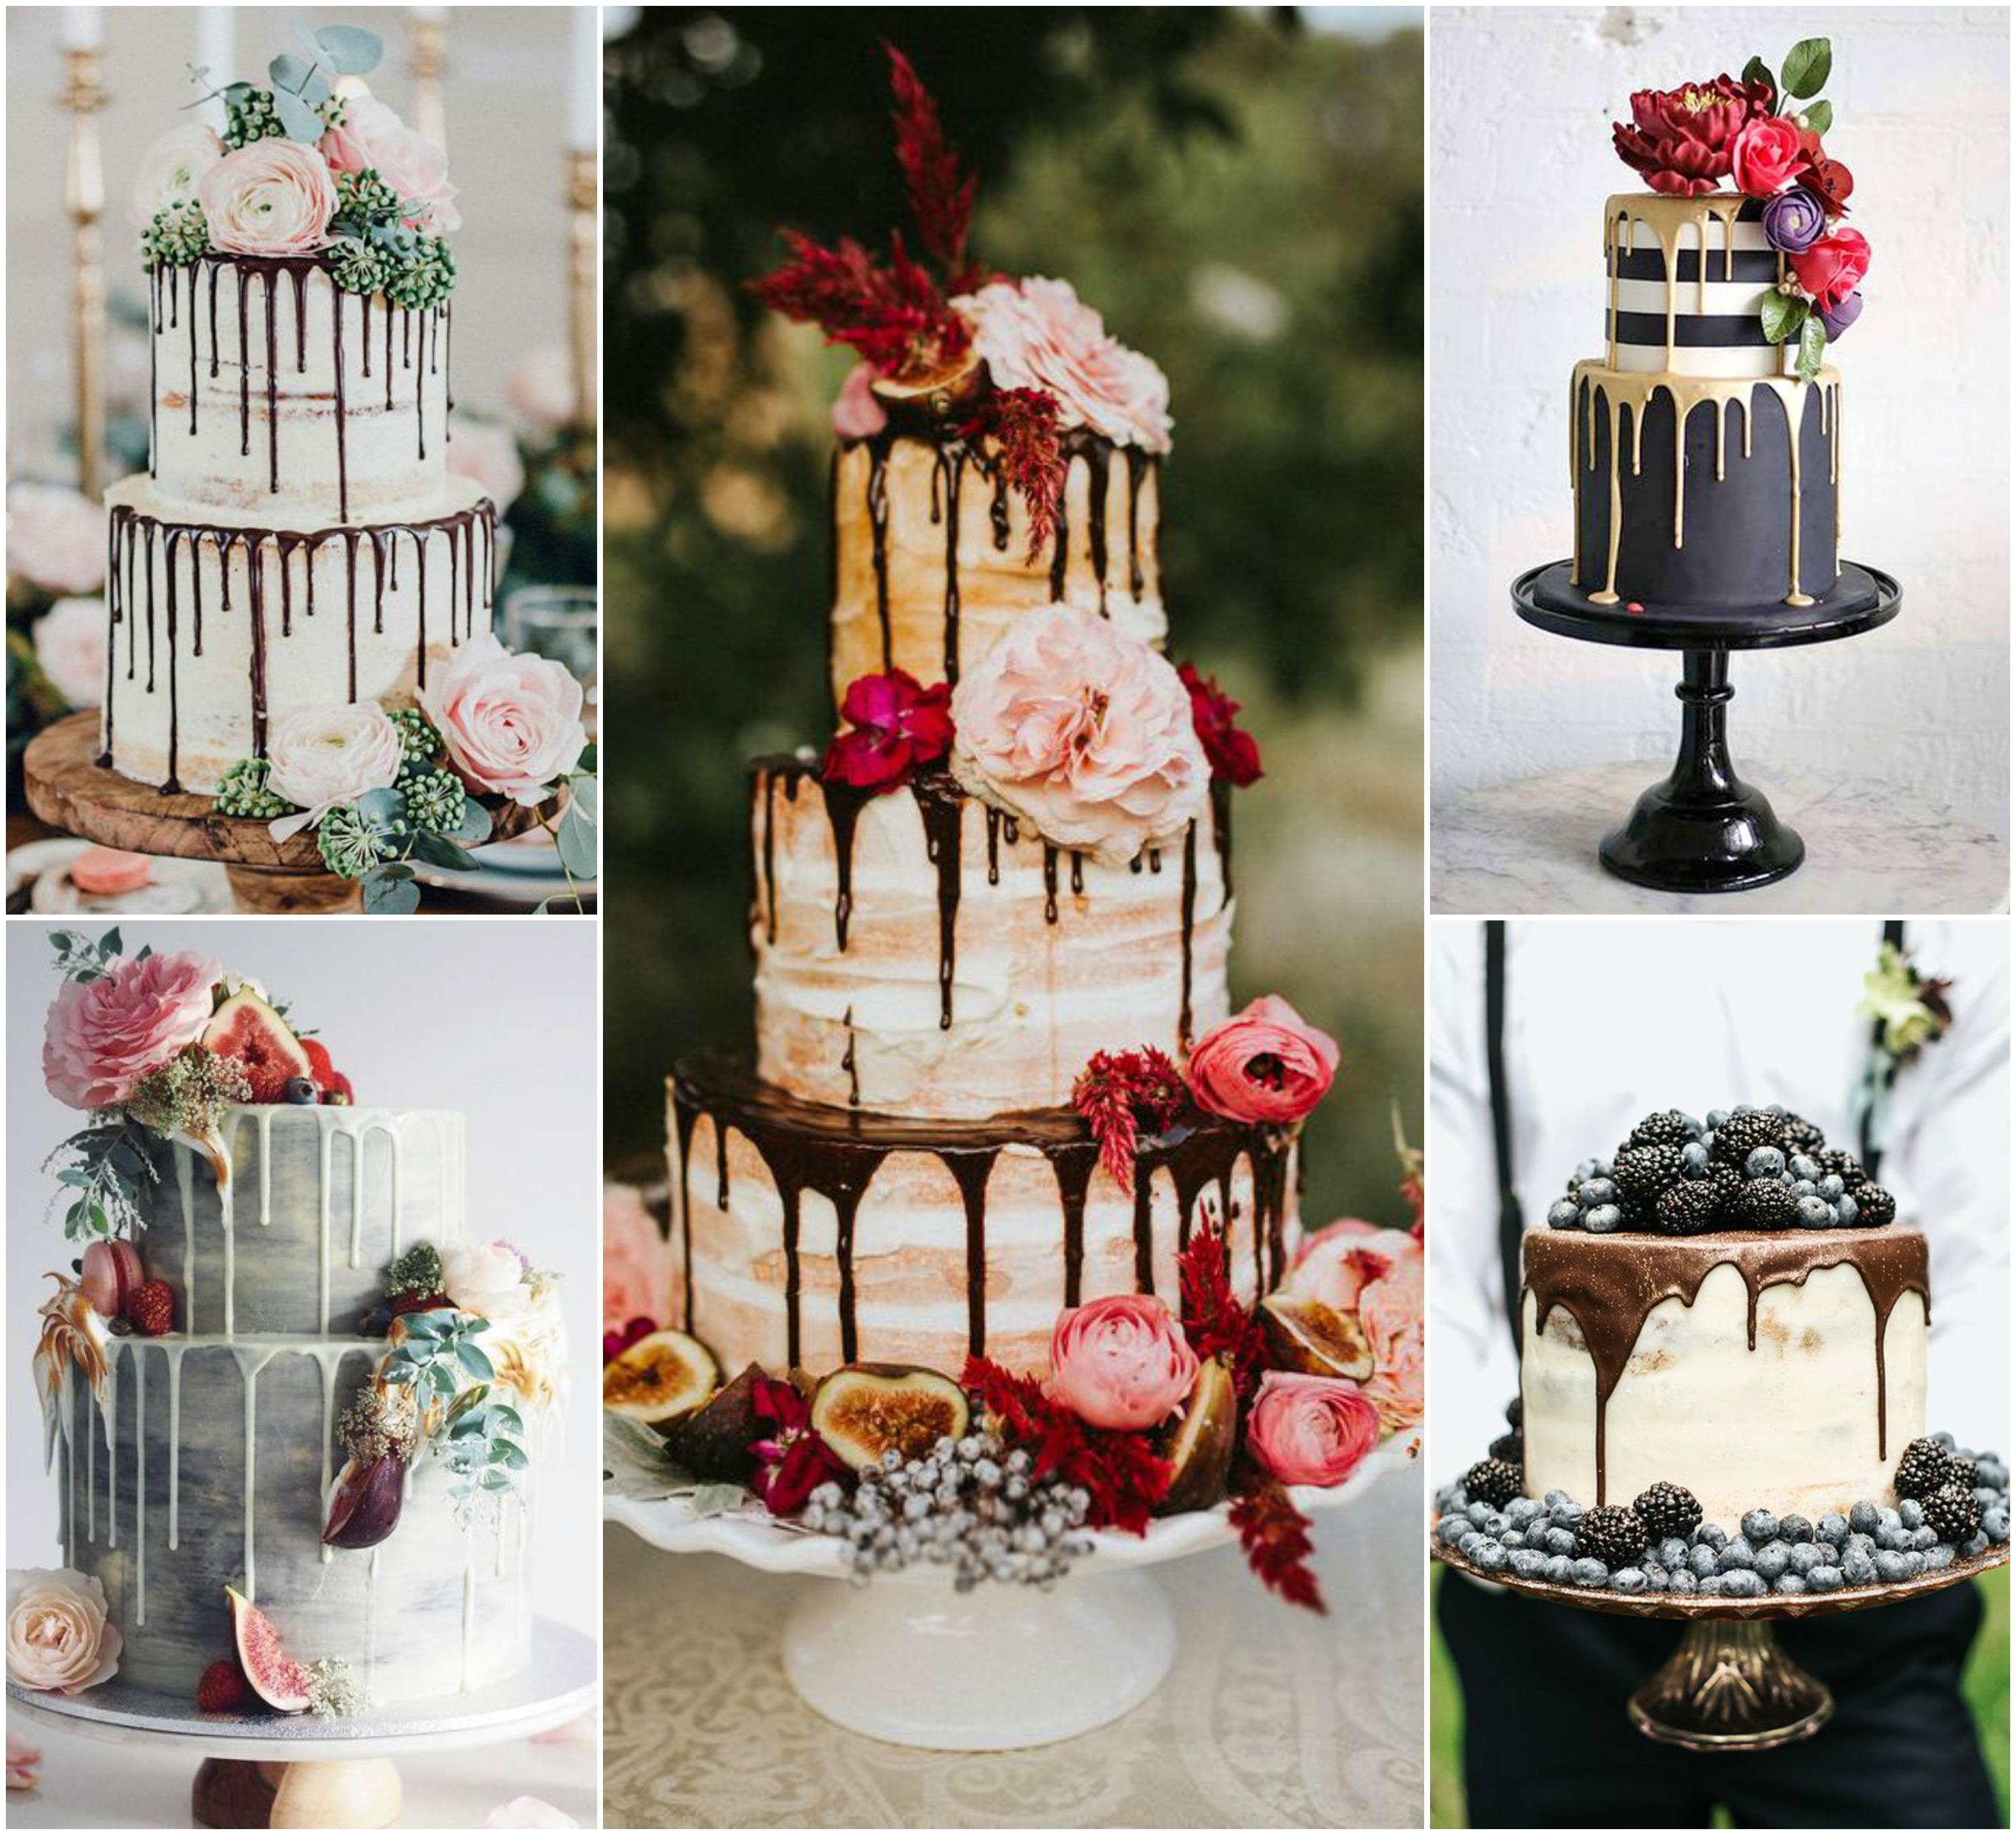 Dripping cake como opção de bolo de casamento